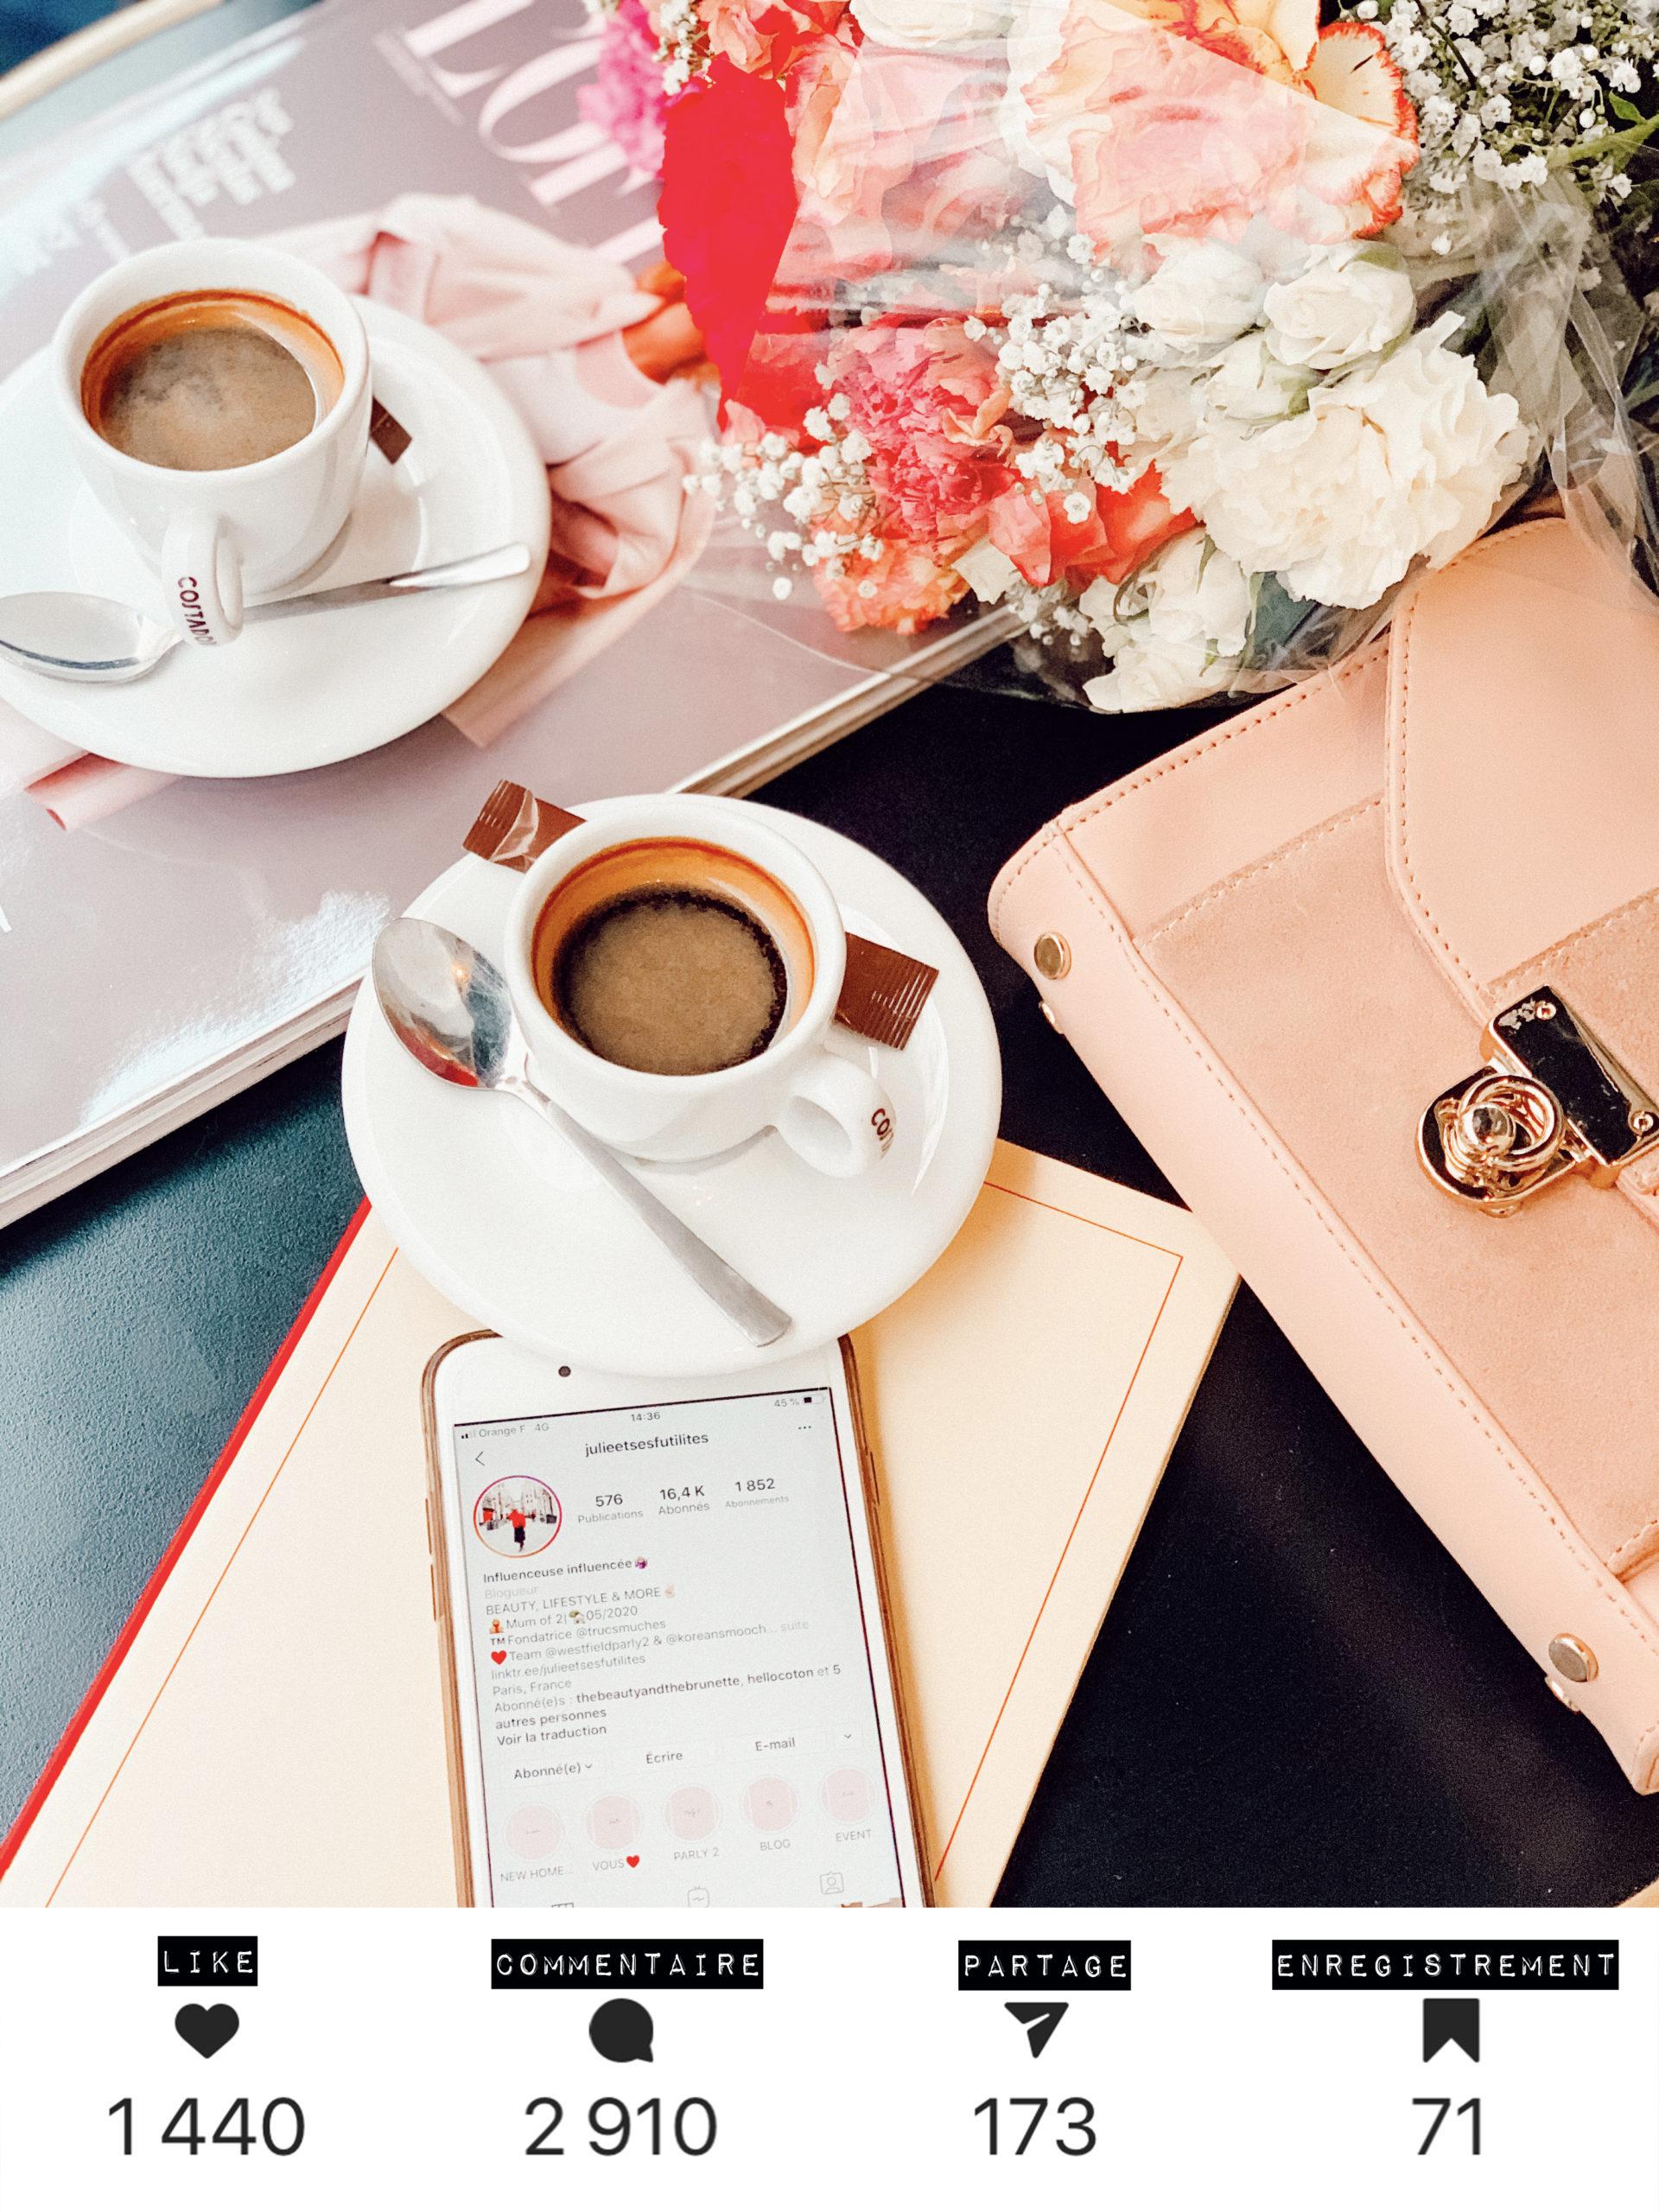 conseils-instagram-visibilité-sans-publicité